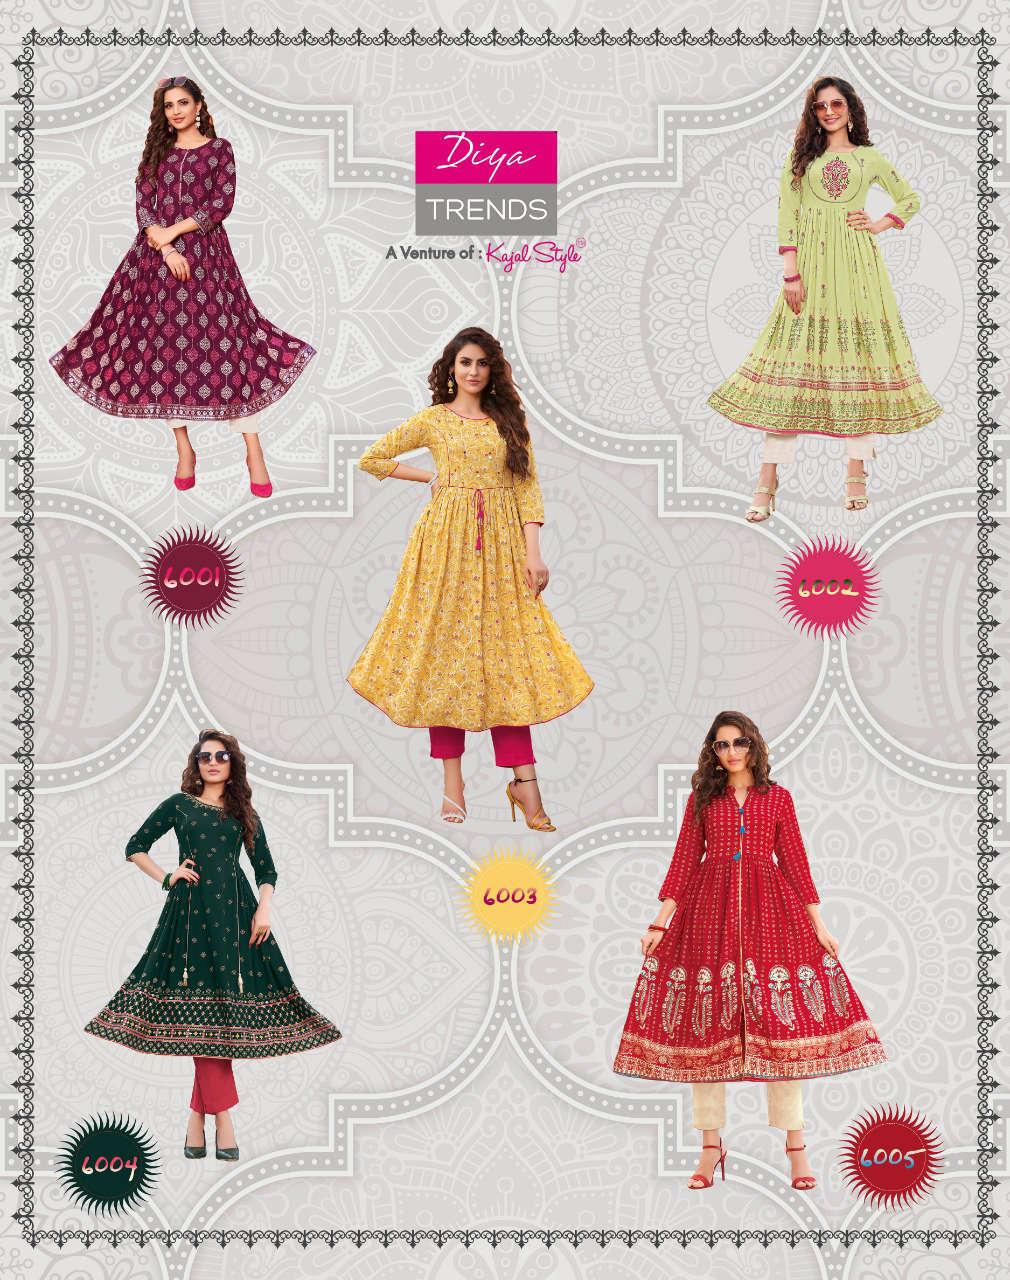 Diya Trends Ethnicity Vol 6 by Kajal Style Kurti Wholesale Catalog 10 Pcs 14 - Diya Trends Ethnicity Vol 6 by Kajal Style Kurti Wholesale Catalog 10 Pcs